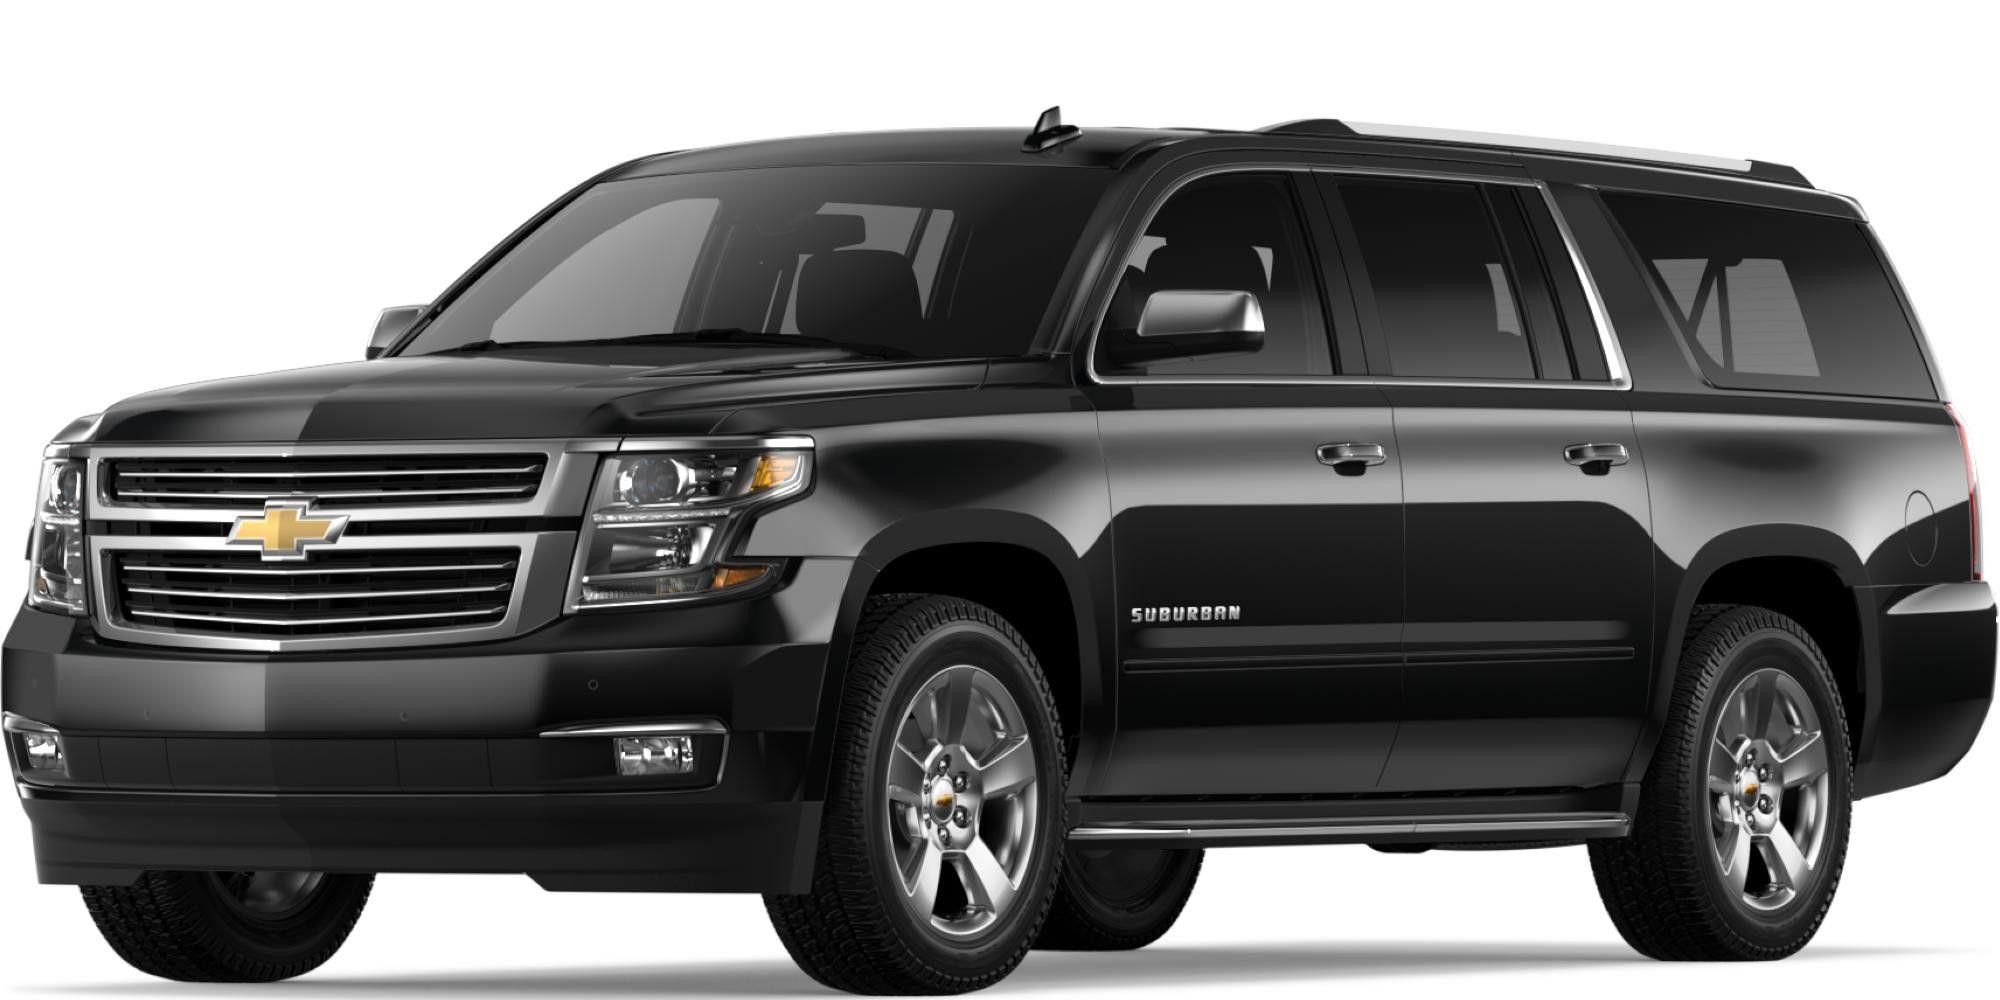 Kekurangan Chevrolet Suburban 2018 Murah Berkualitas